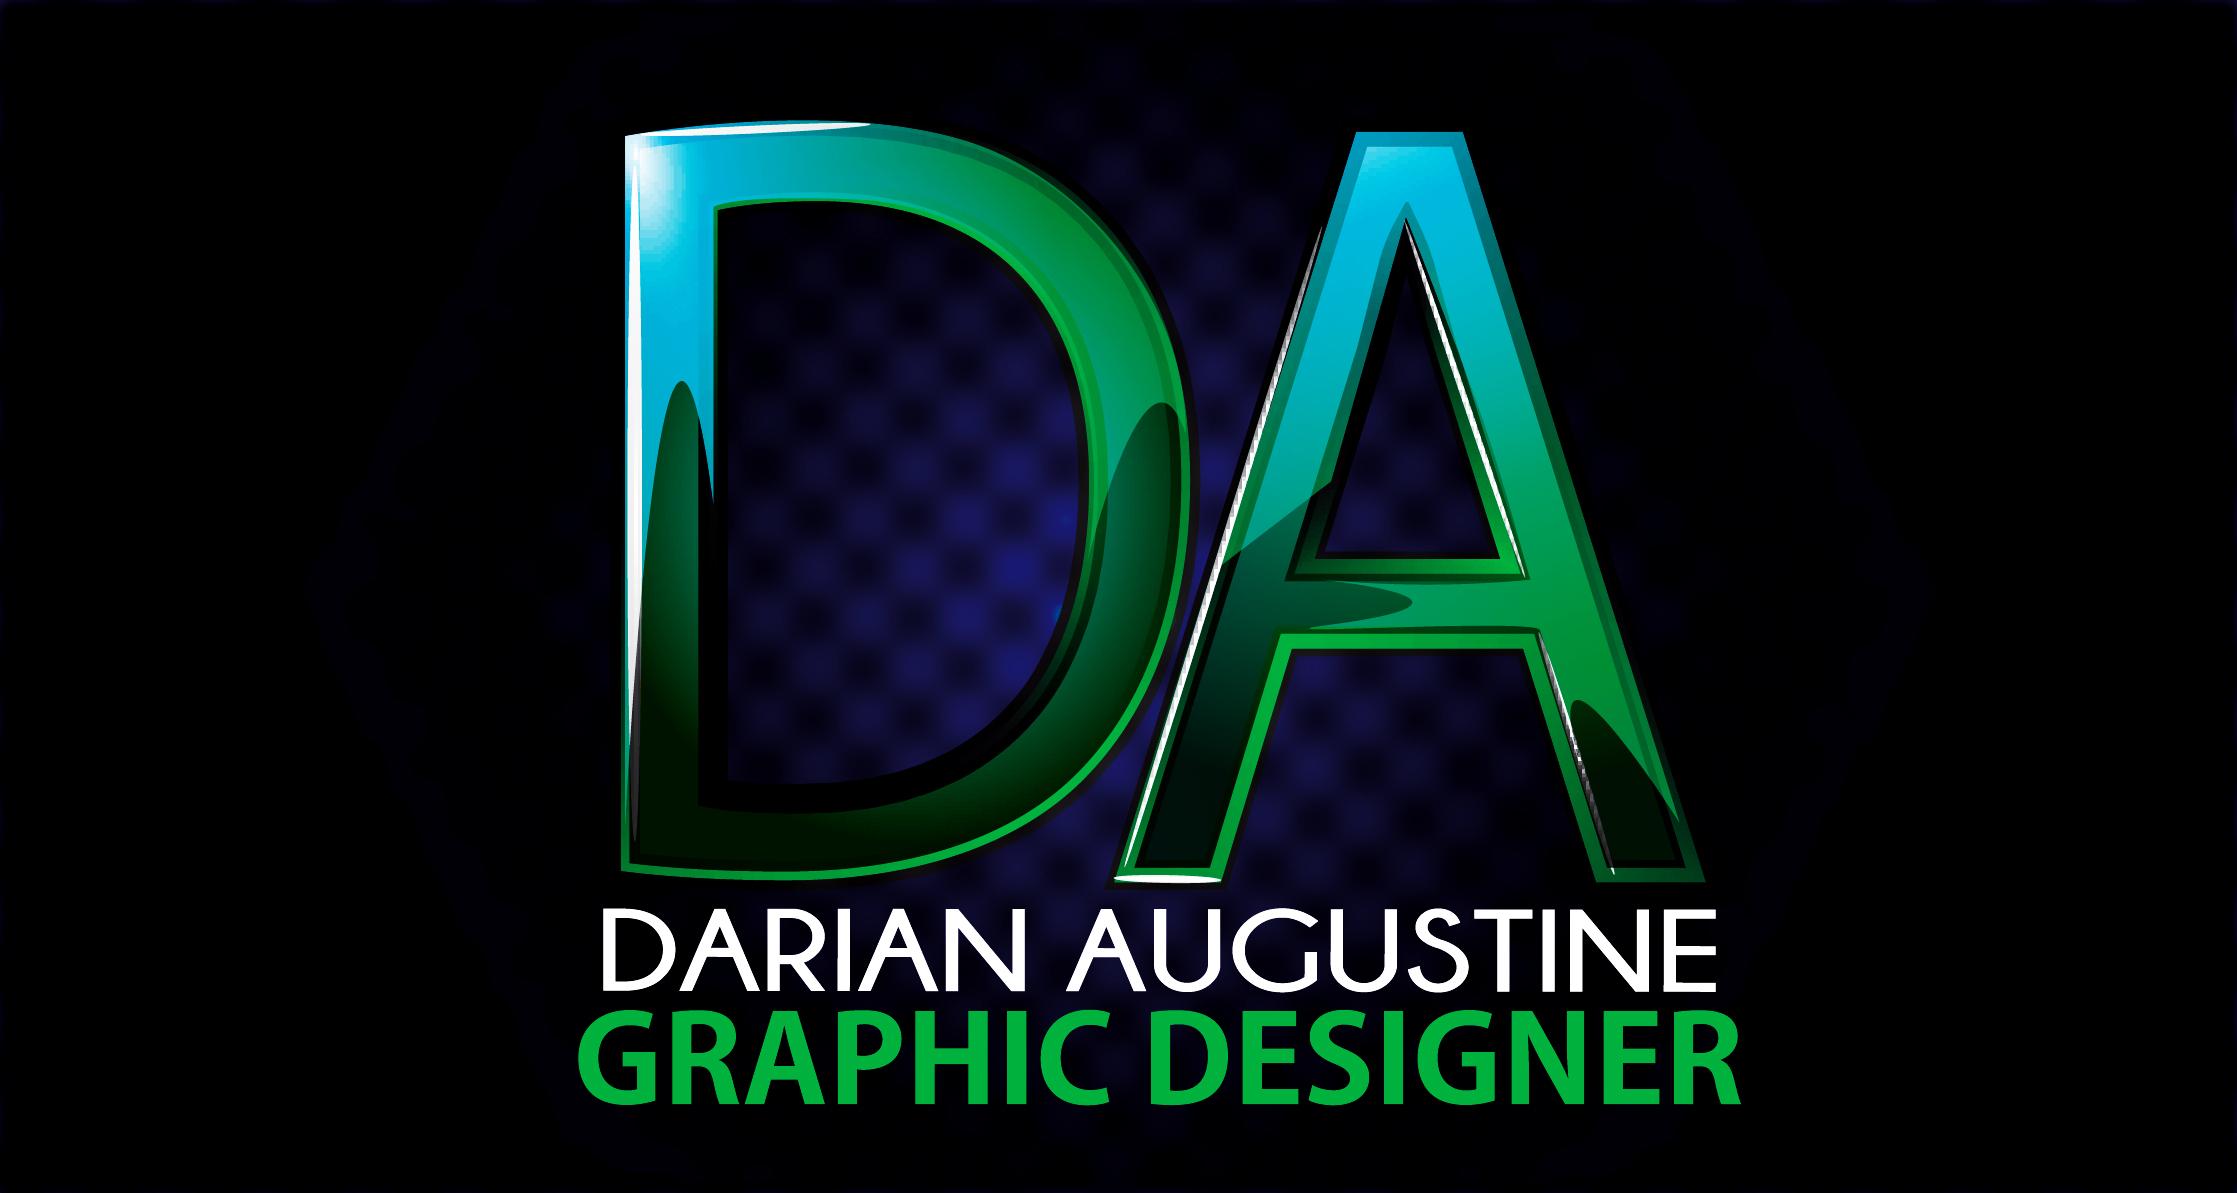 Darian Augustine's Signature